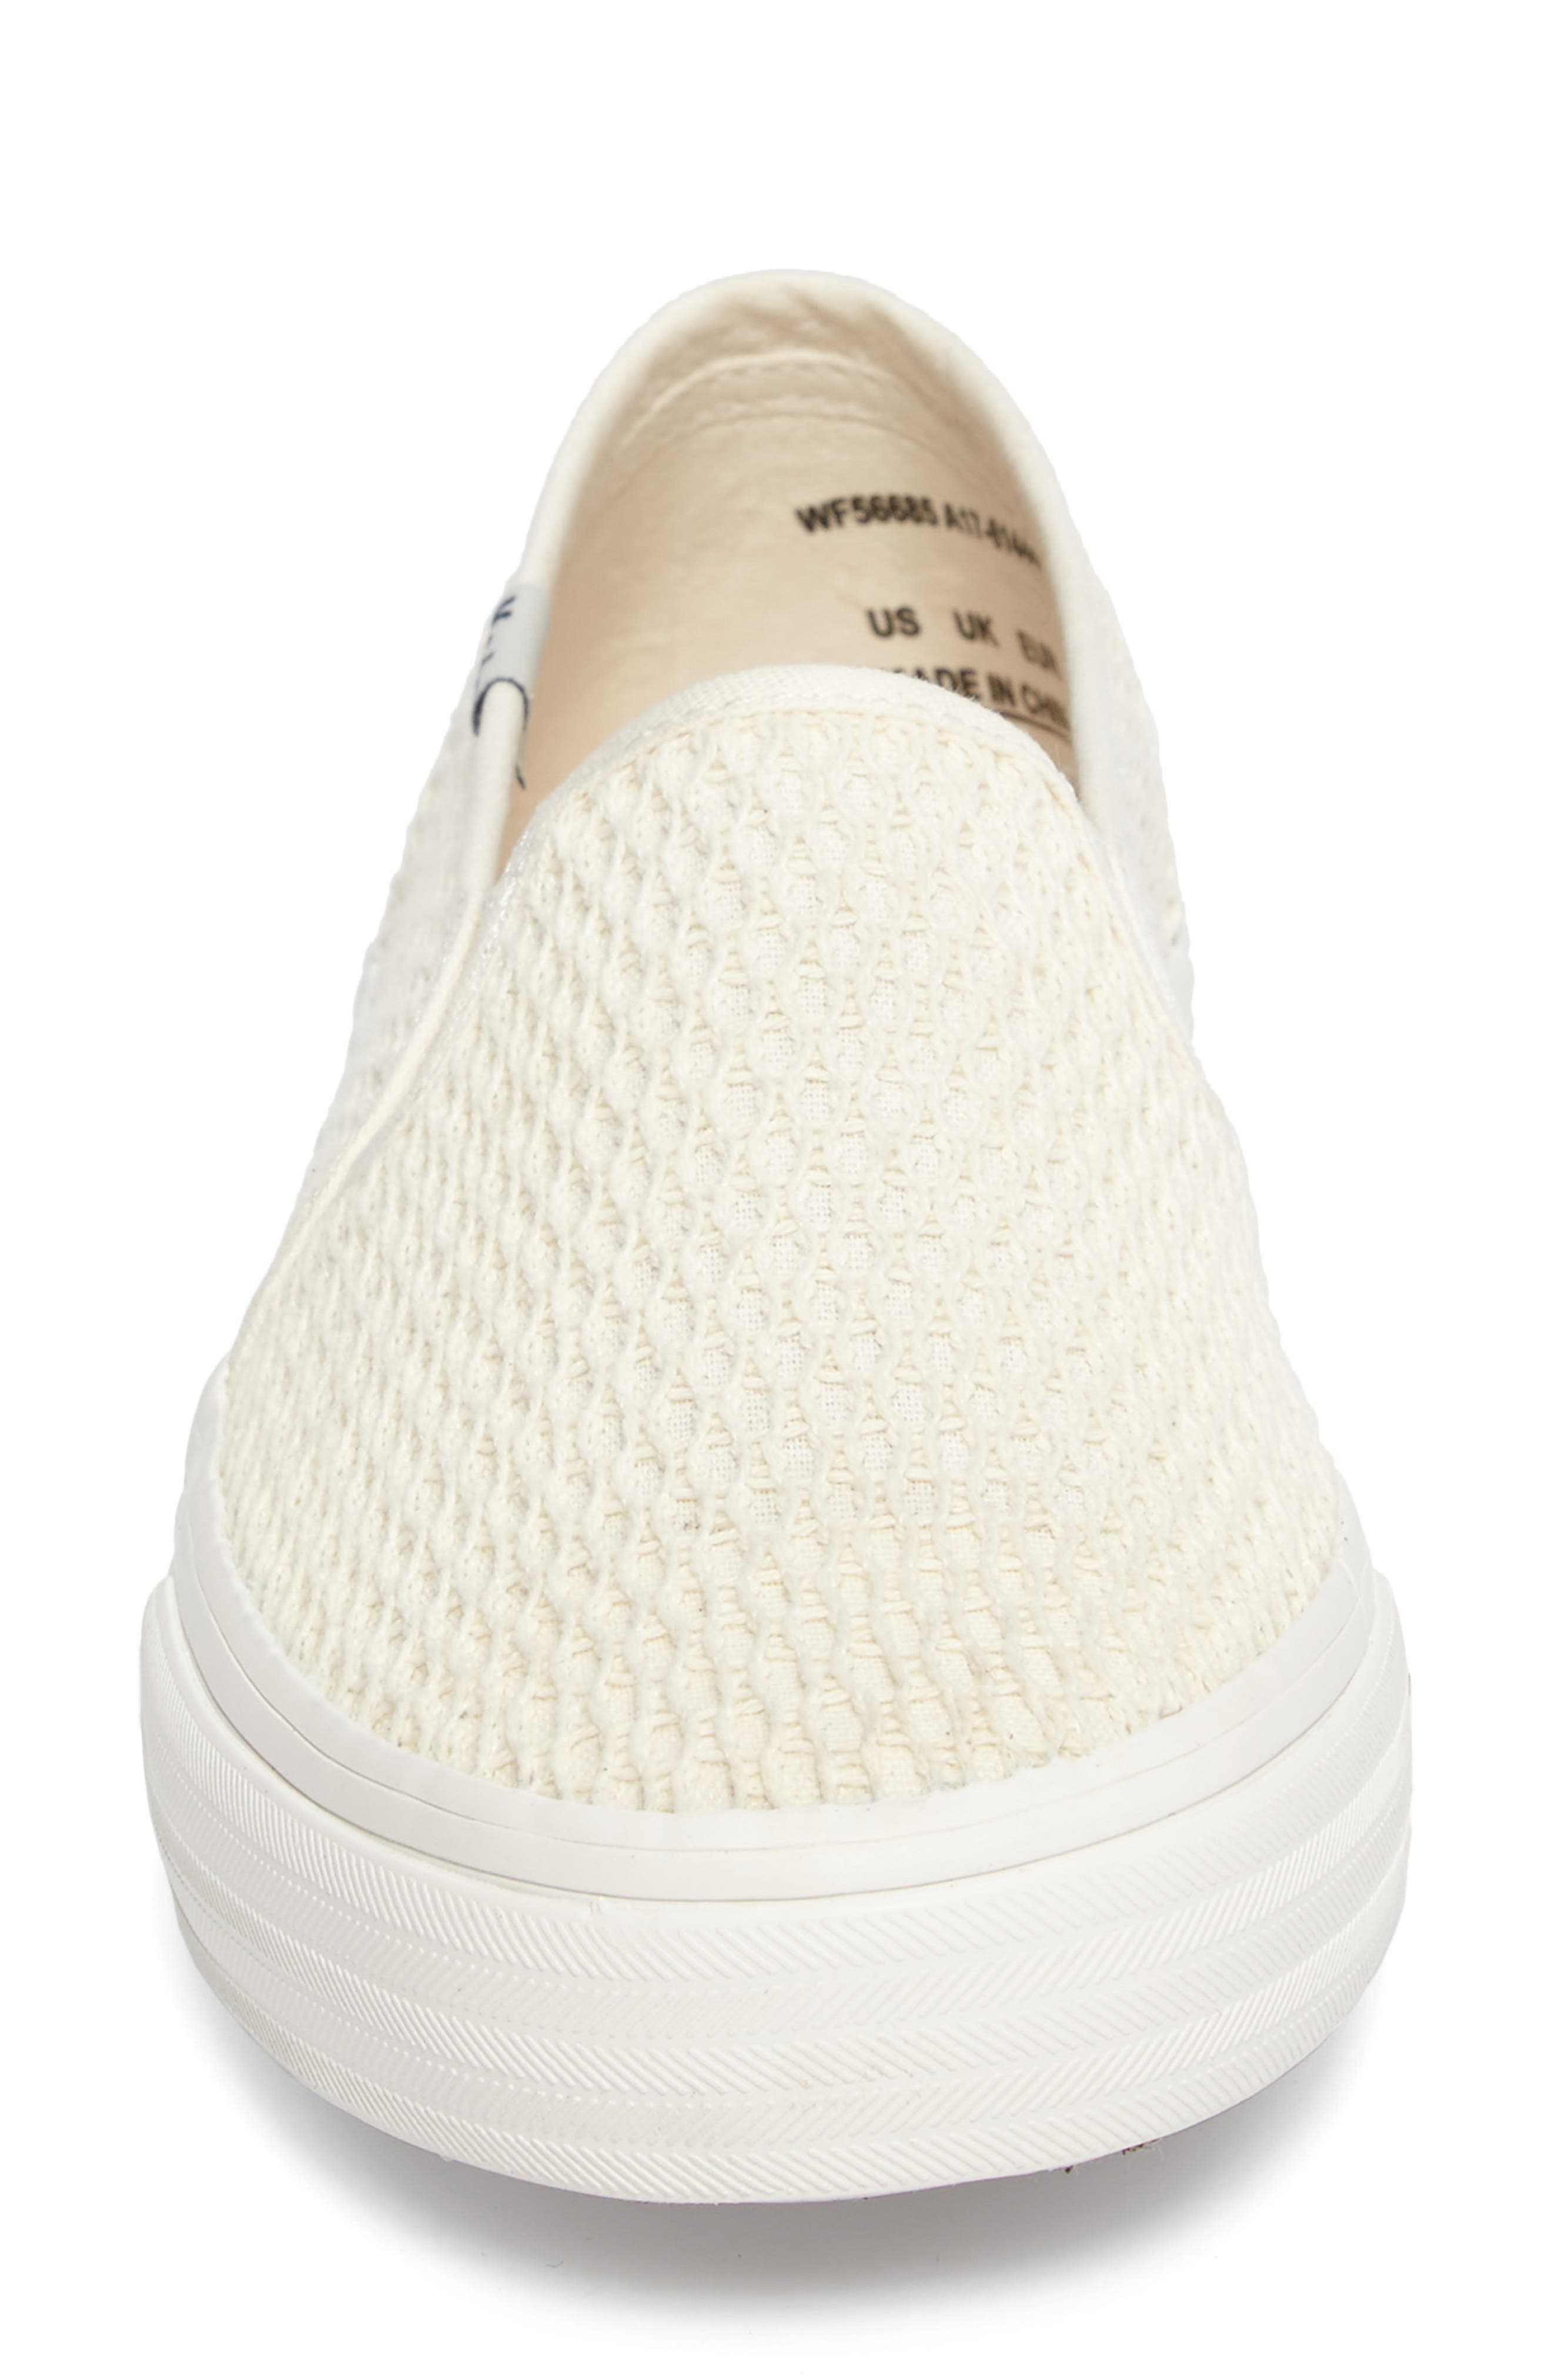 Double Decker Crochet Slip-On Sneaker,                             Alternate thumbnail 4, color,                             Cream